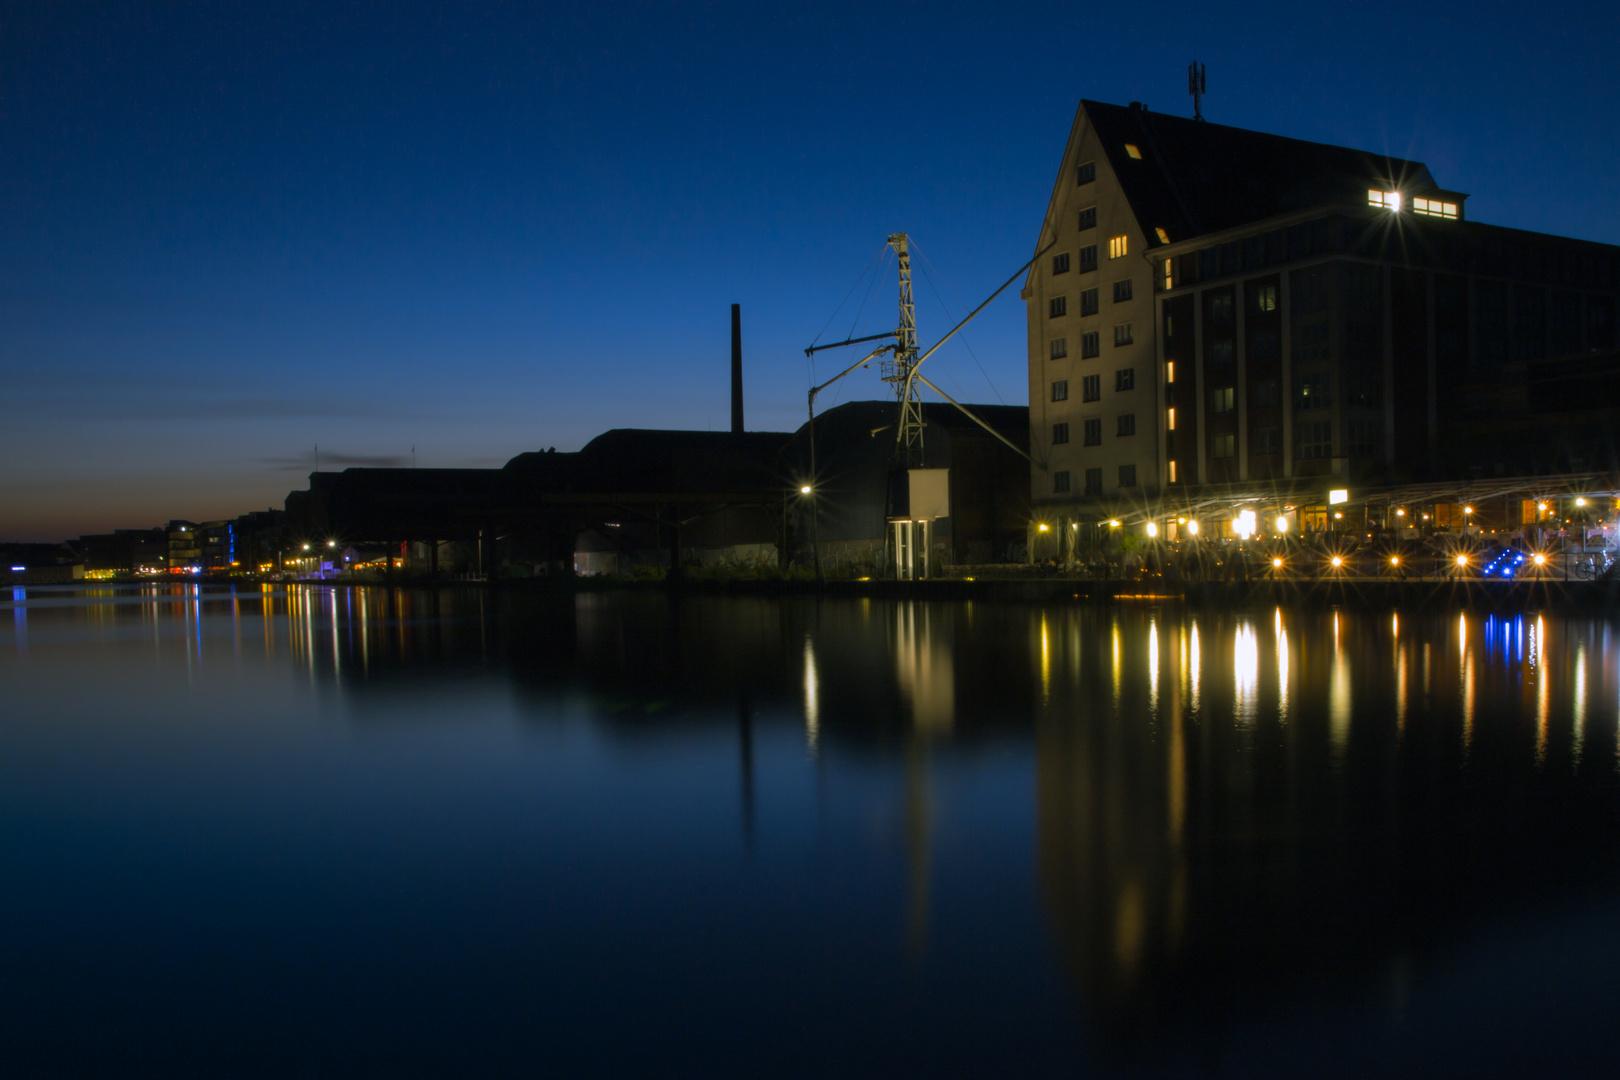 Der Hafen in einer lauen Sommernacht...